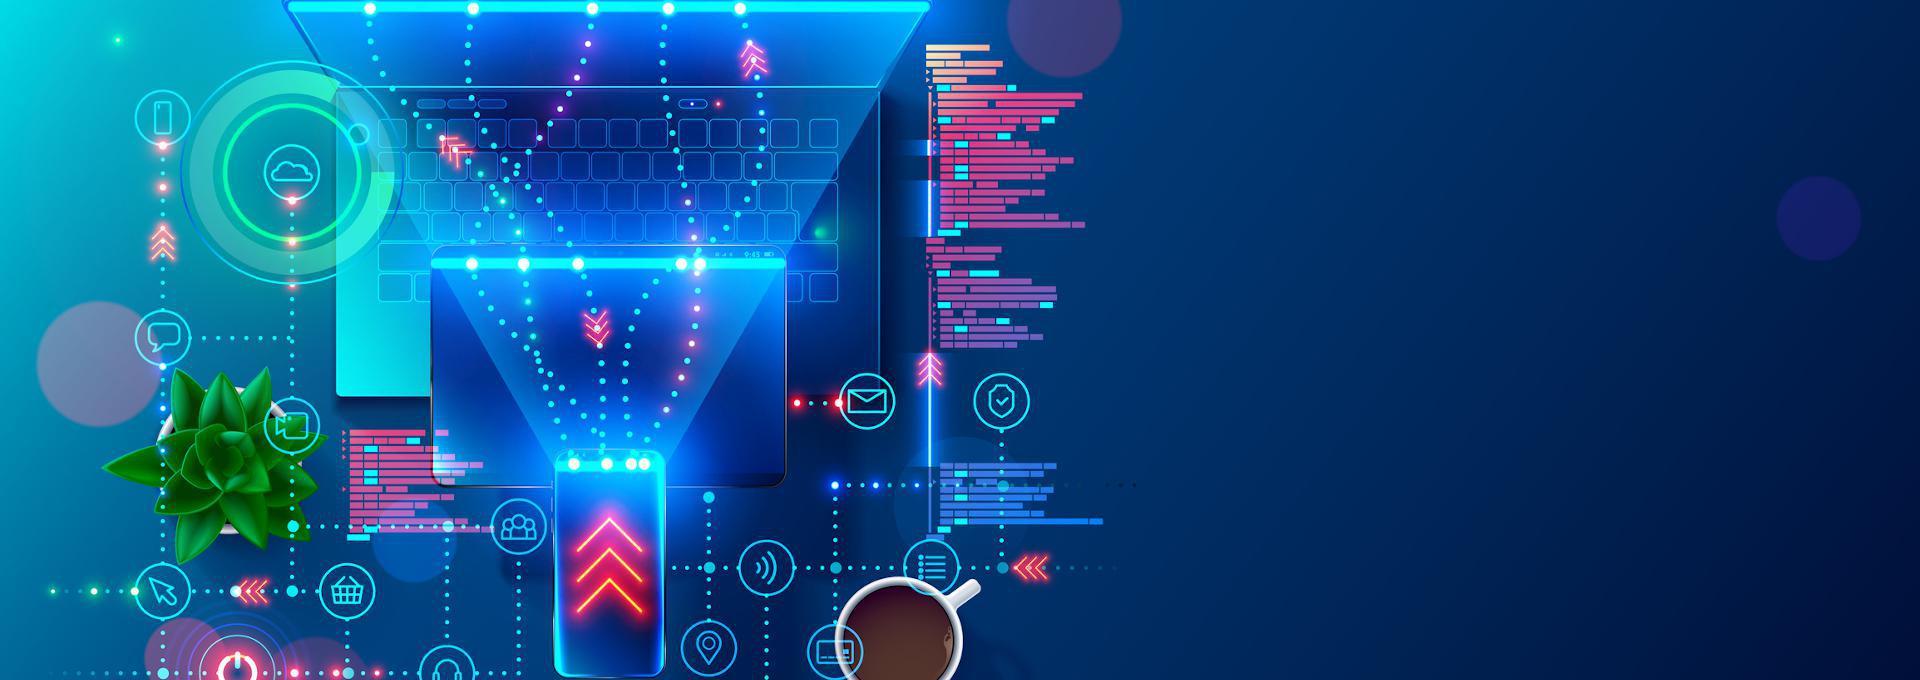 API - info-hero